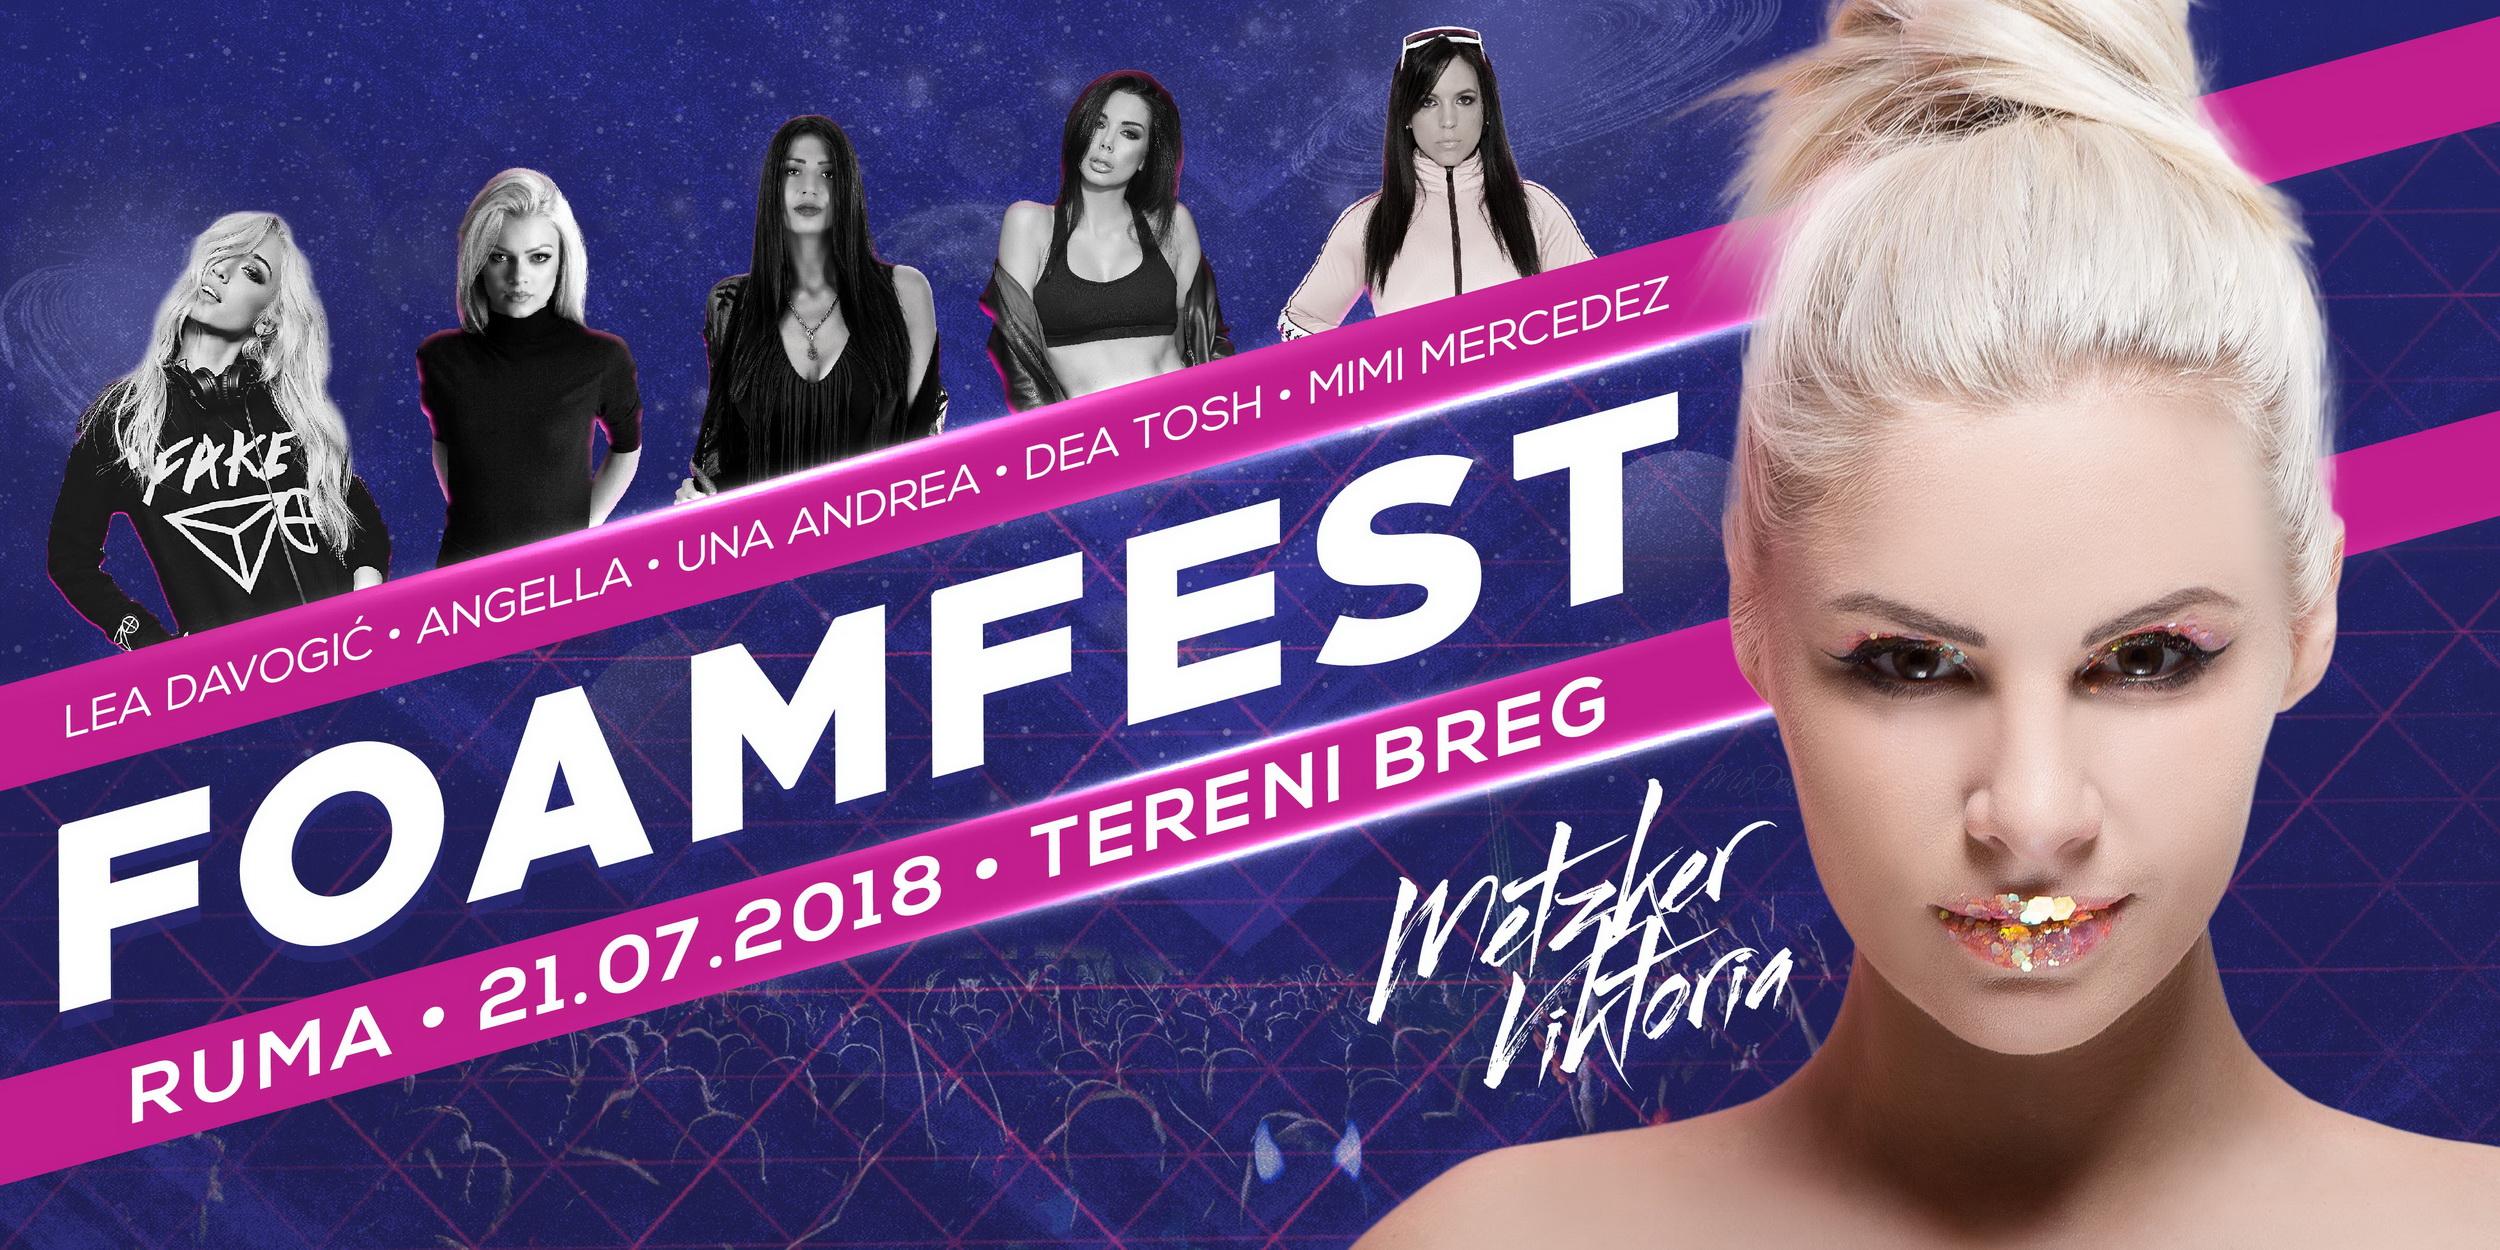 Foam Fest 2018